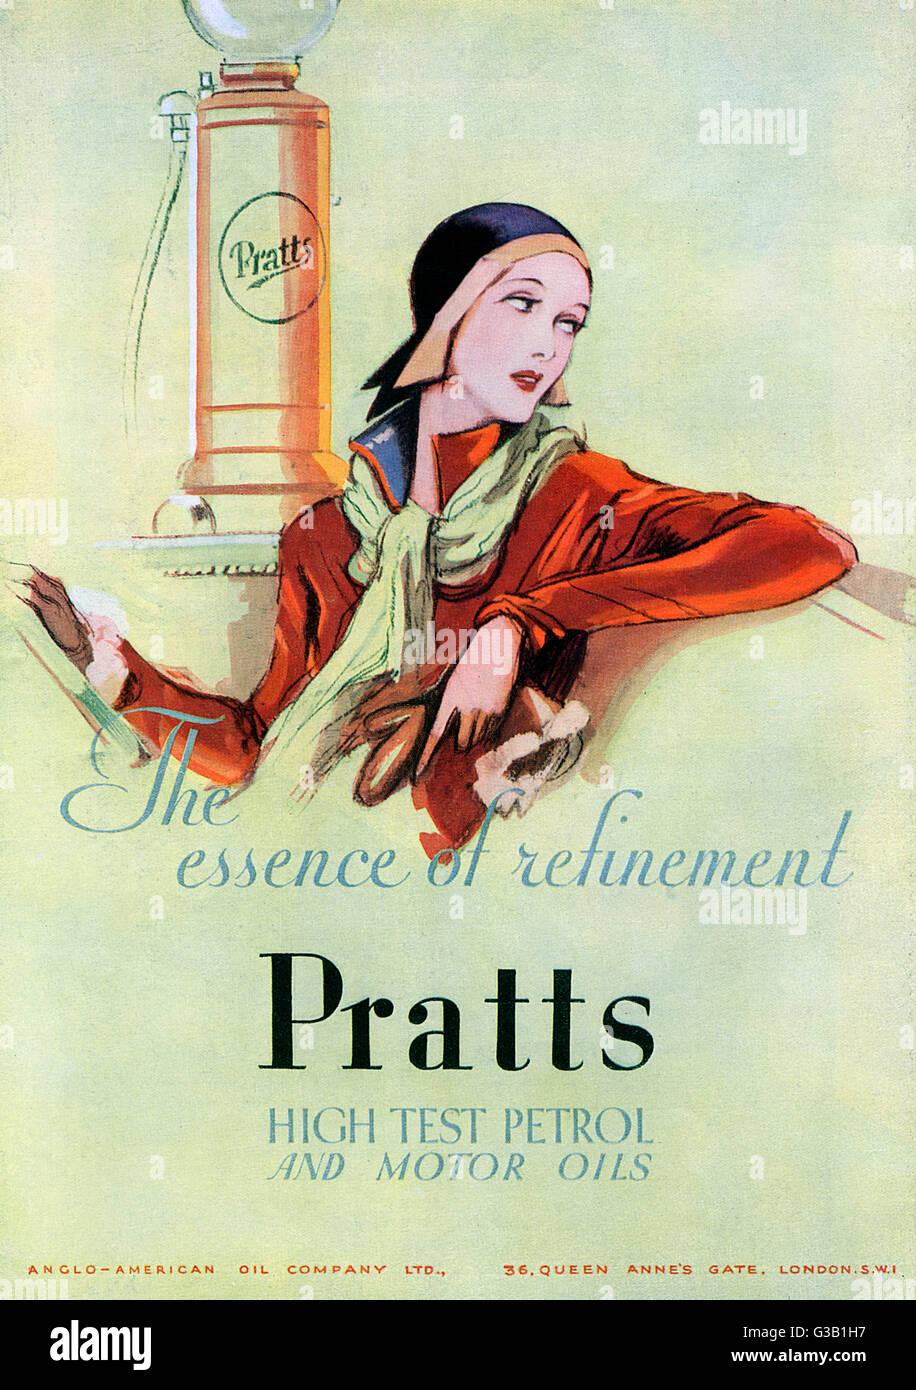 Pratt's benzina - l'essenza della raffinatezza data: 1930 Immagini Stock